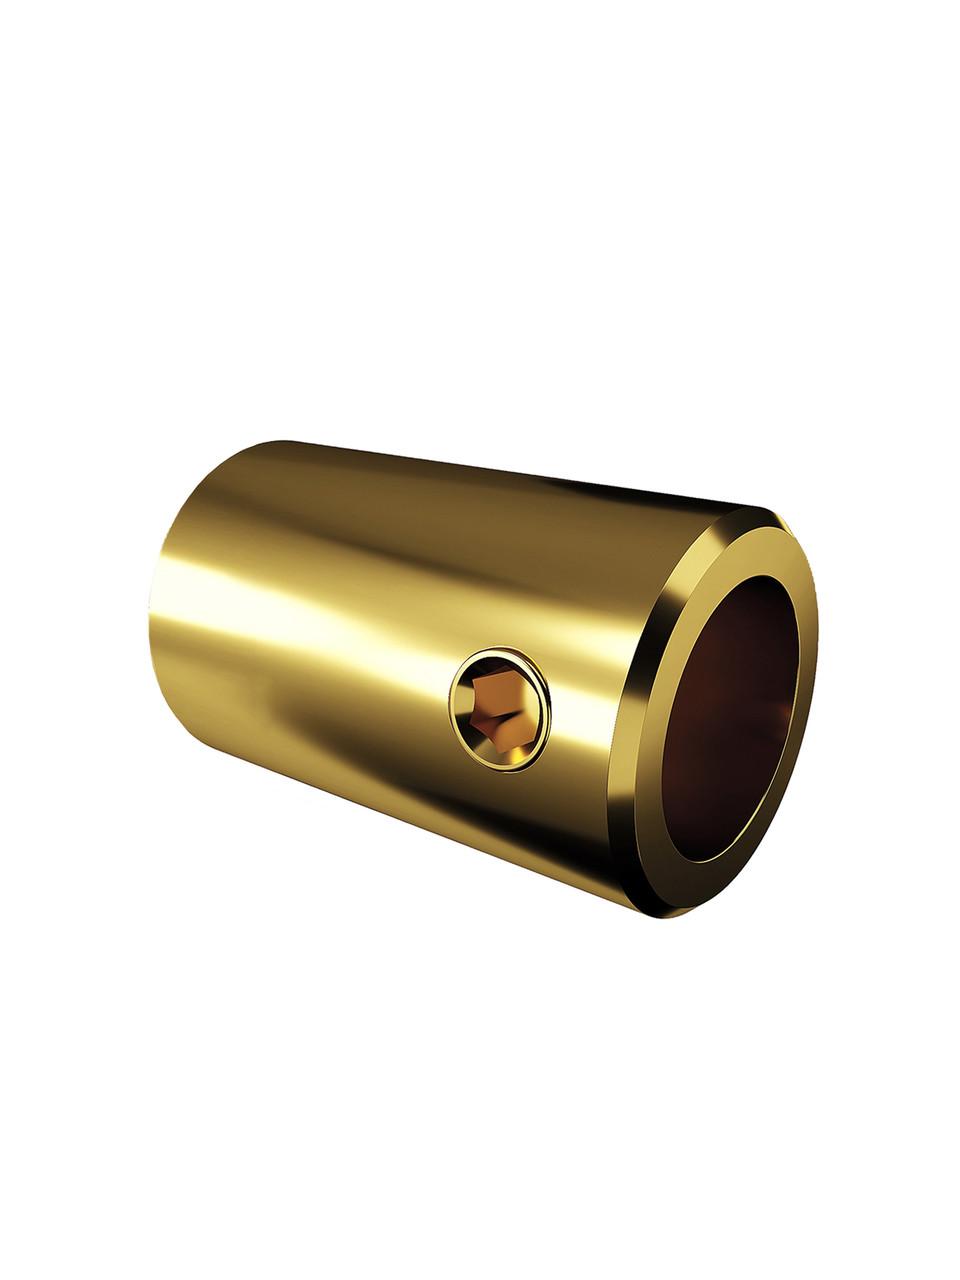 ODF-09-13-10 Крепление штанги к стене для душа, D16 мм, 90 град. цвет золото